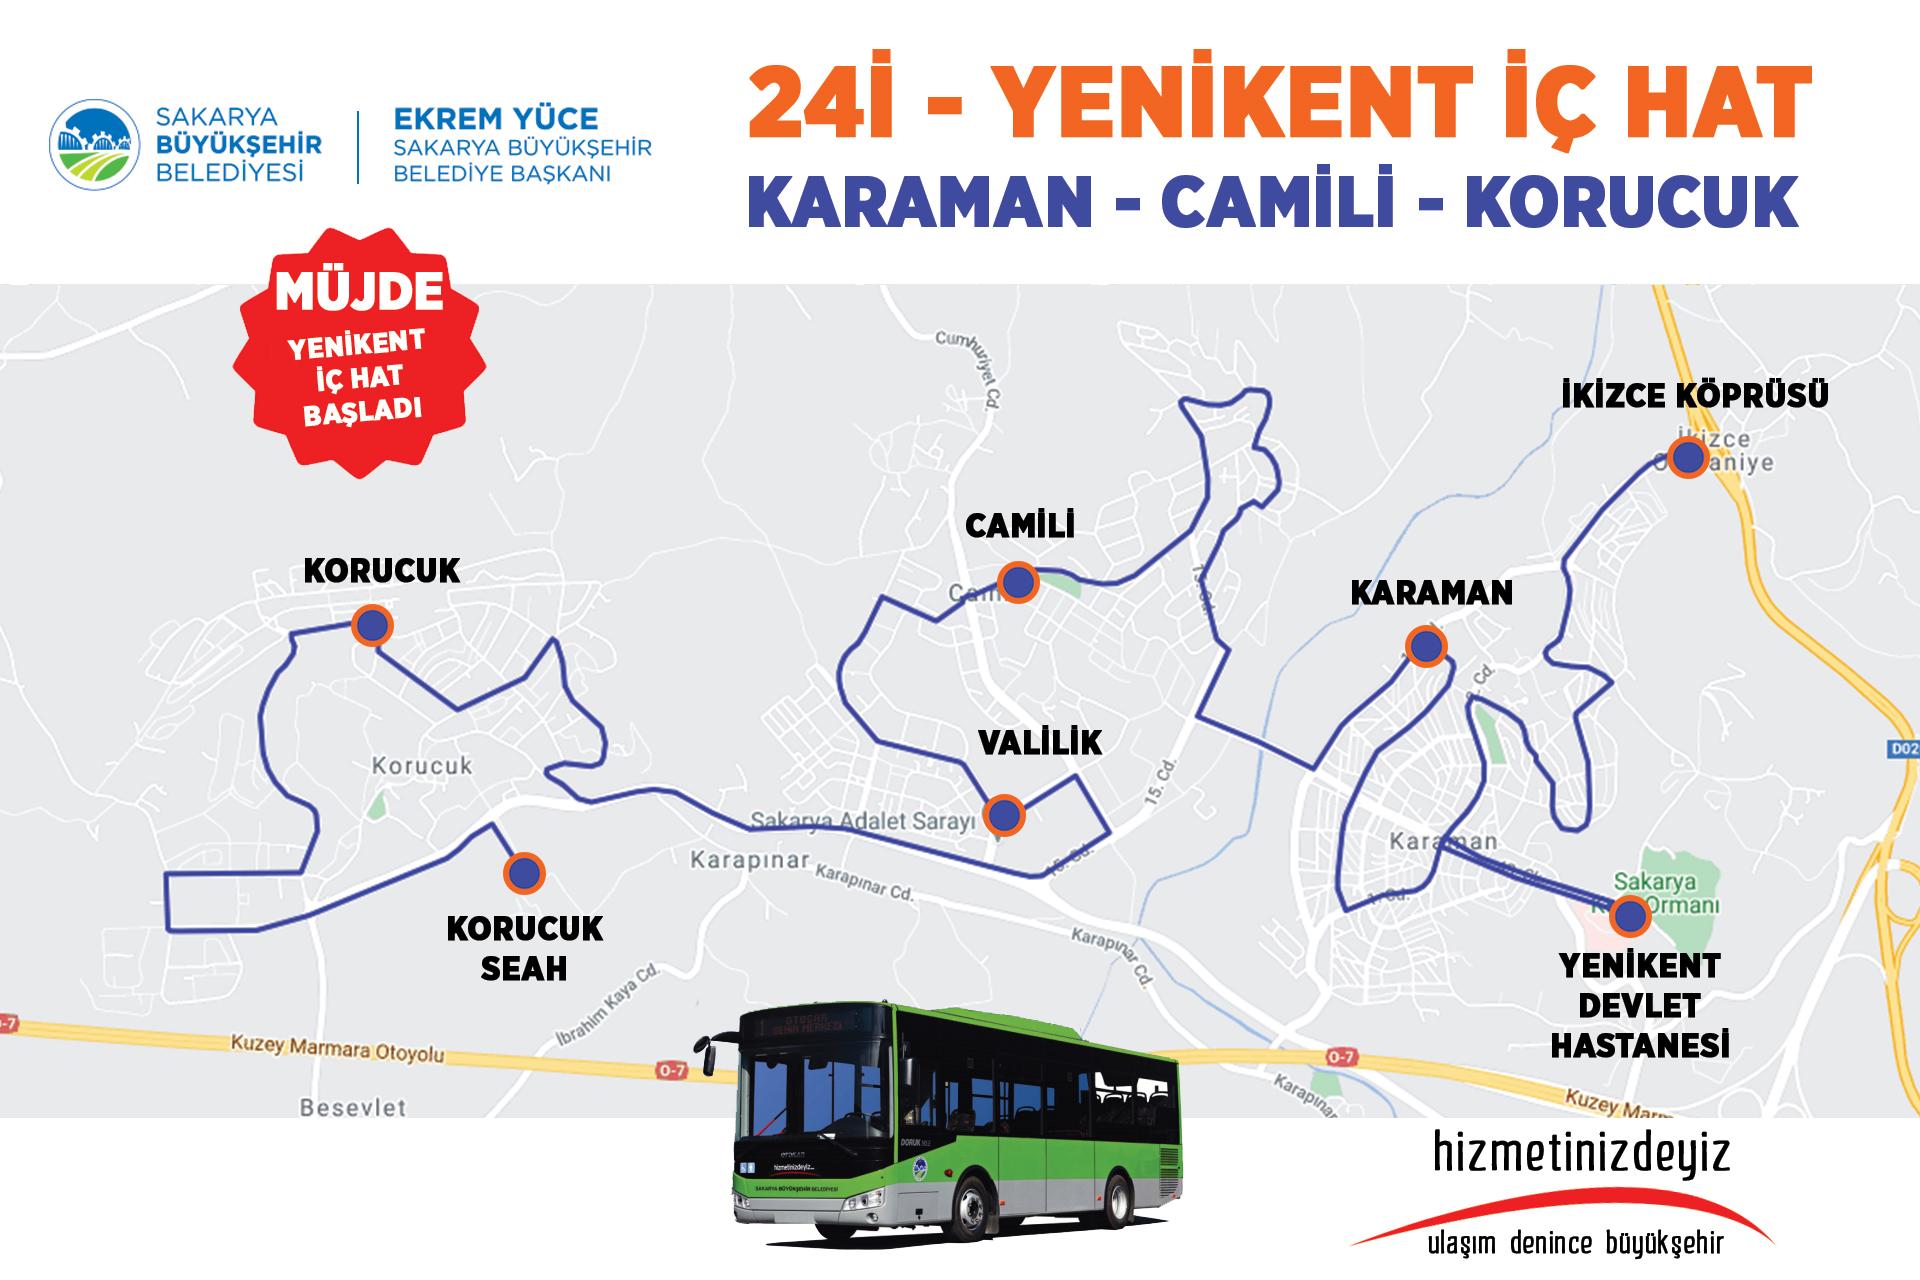 Yenikent bölgesinde belediye otobüs hattı hizmette